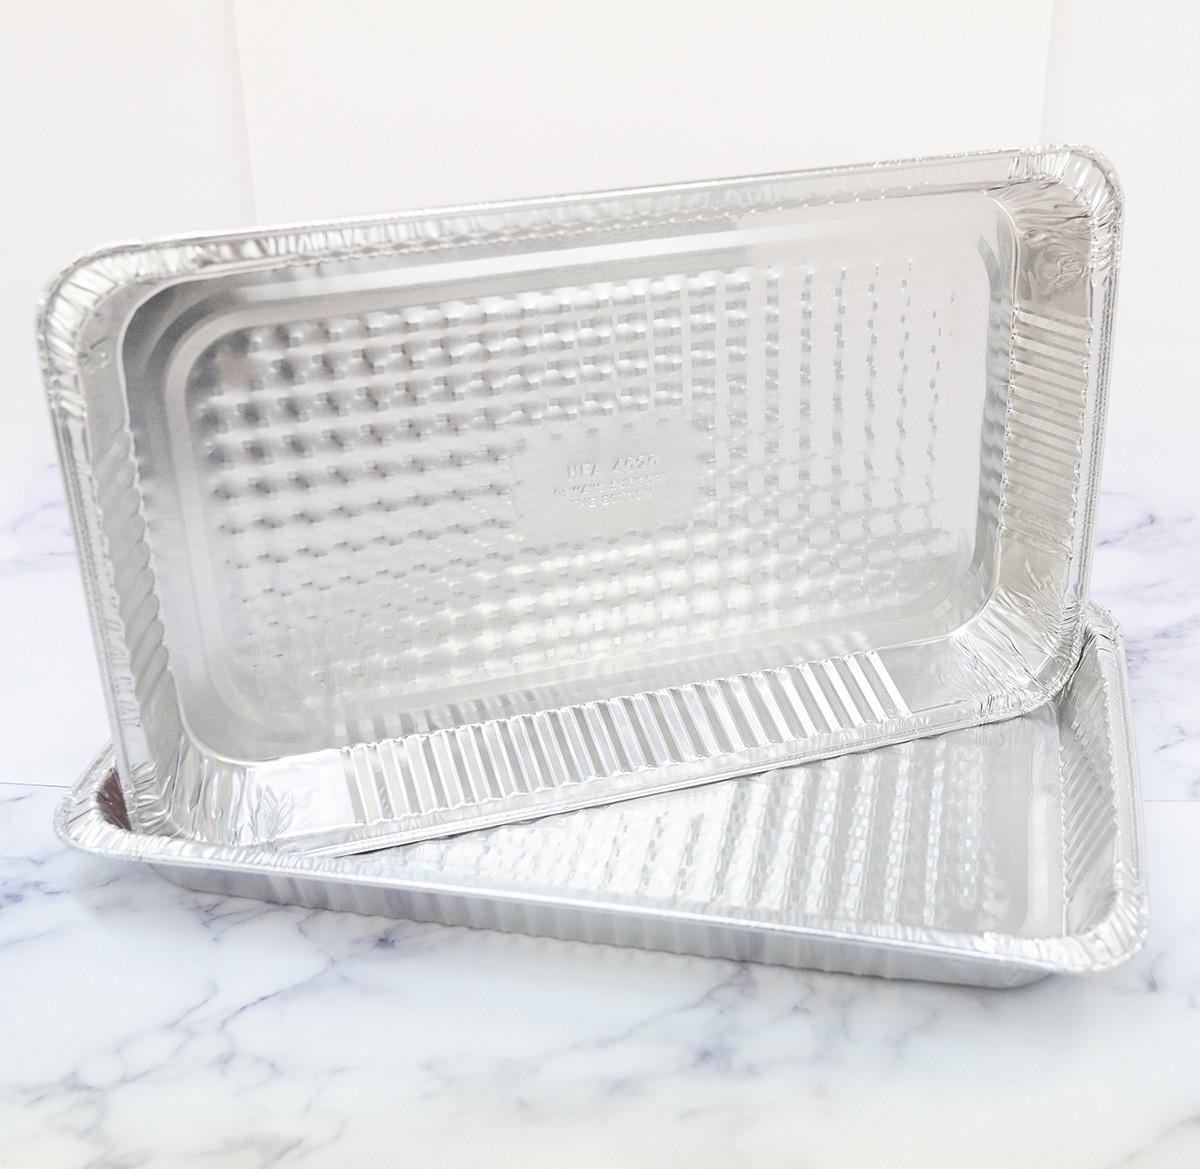 Full Aluminum Pan